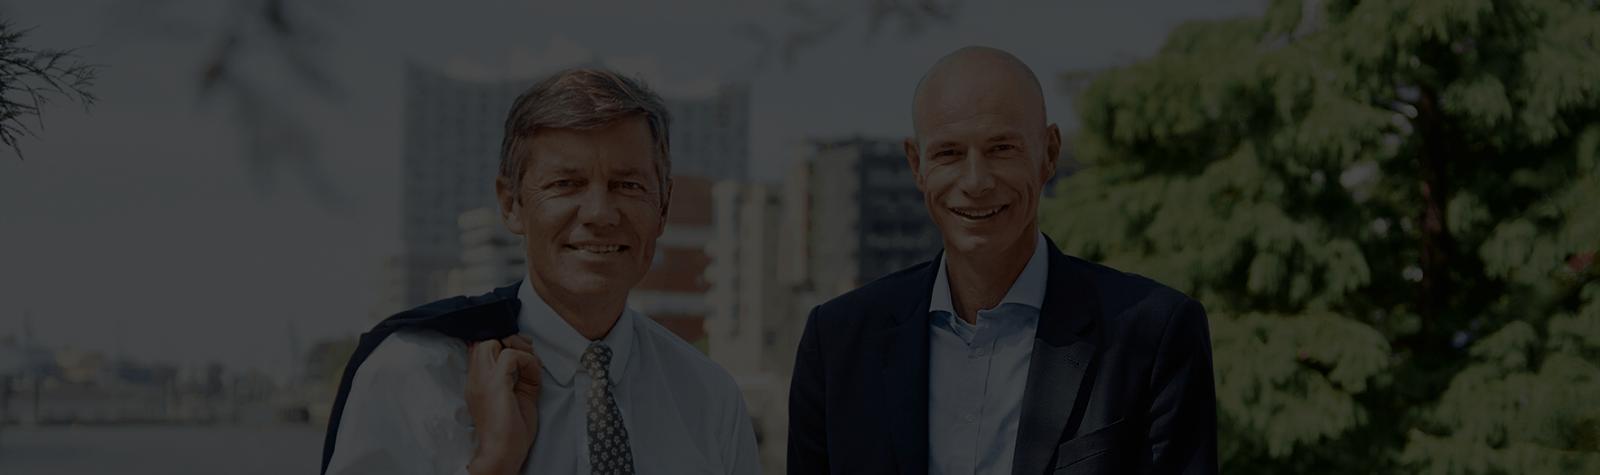 Transition en douceur à la direction d'Union Investment : Reinhard Kutscher cède la présidence du conseil de gestion à Jörn Stobbe